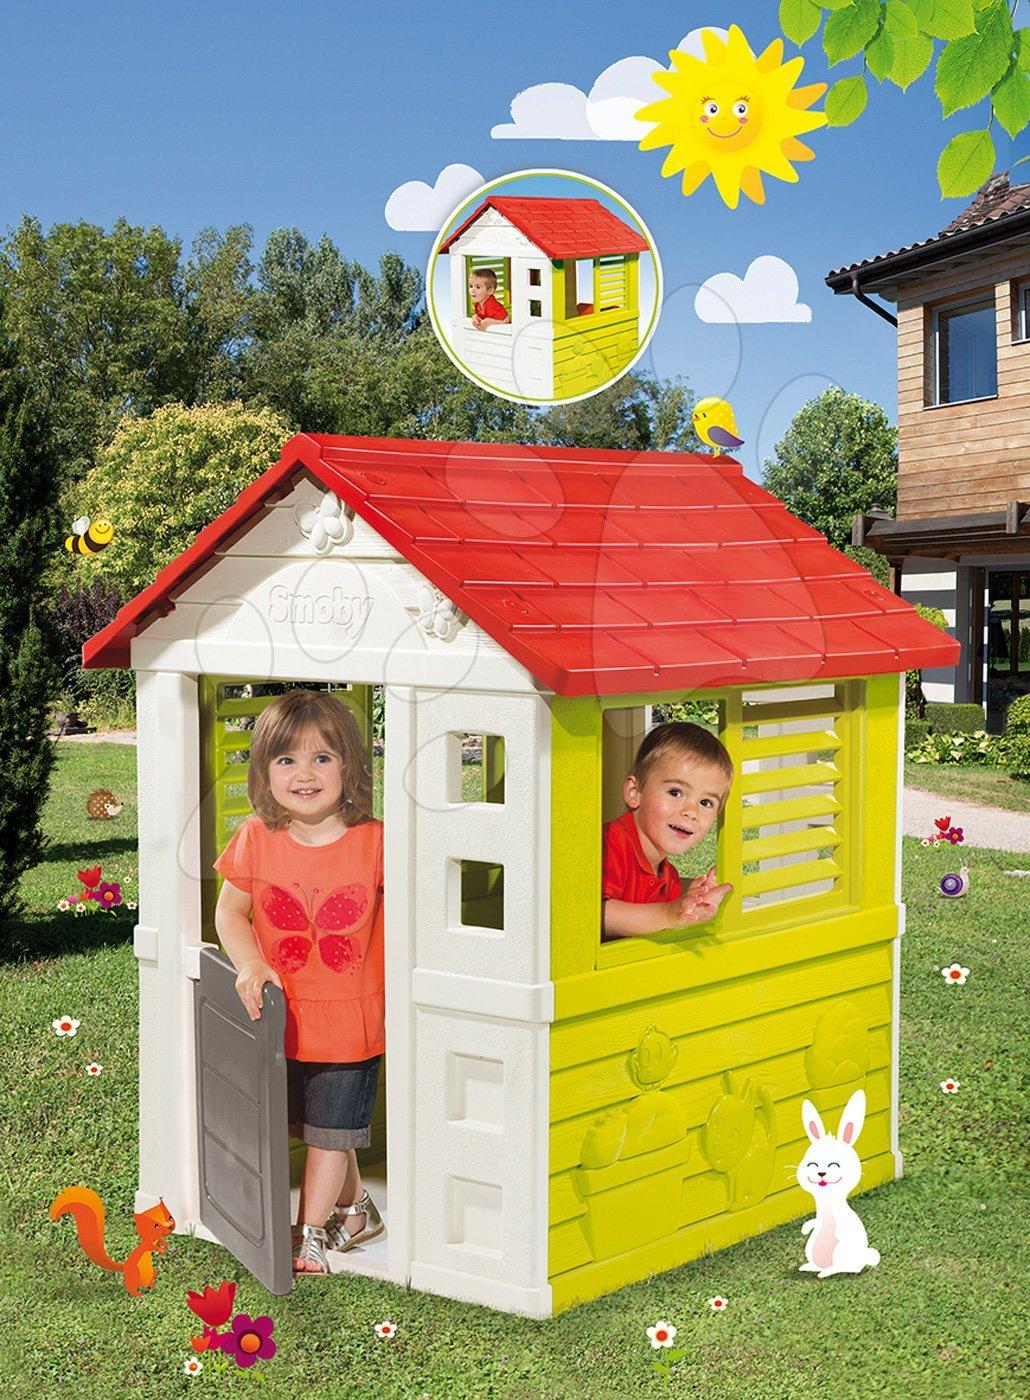 Smoby domček Lovely červeno-zelený s 3 oknami a 2 žalúziami, s UV filtrom 810705